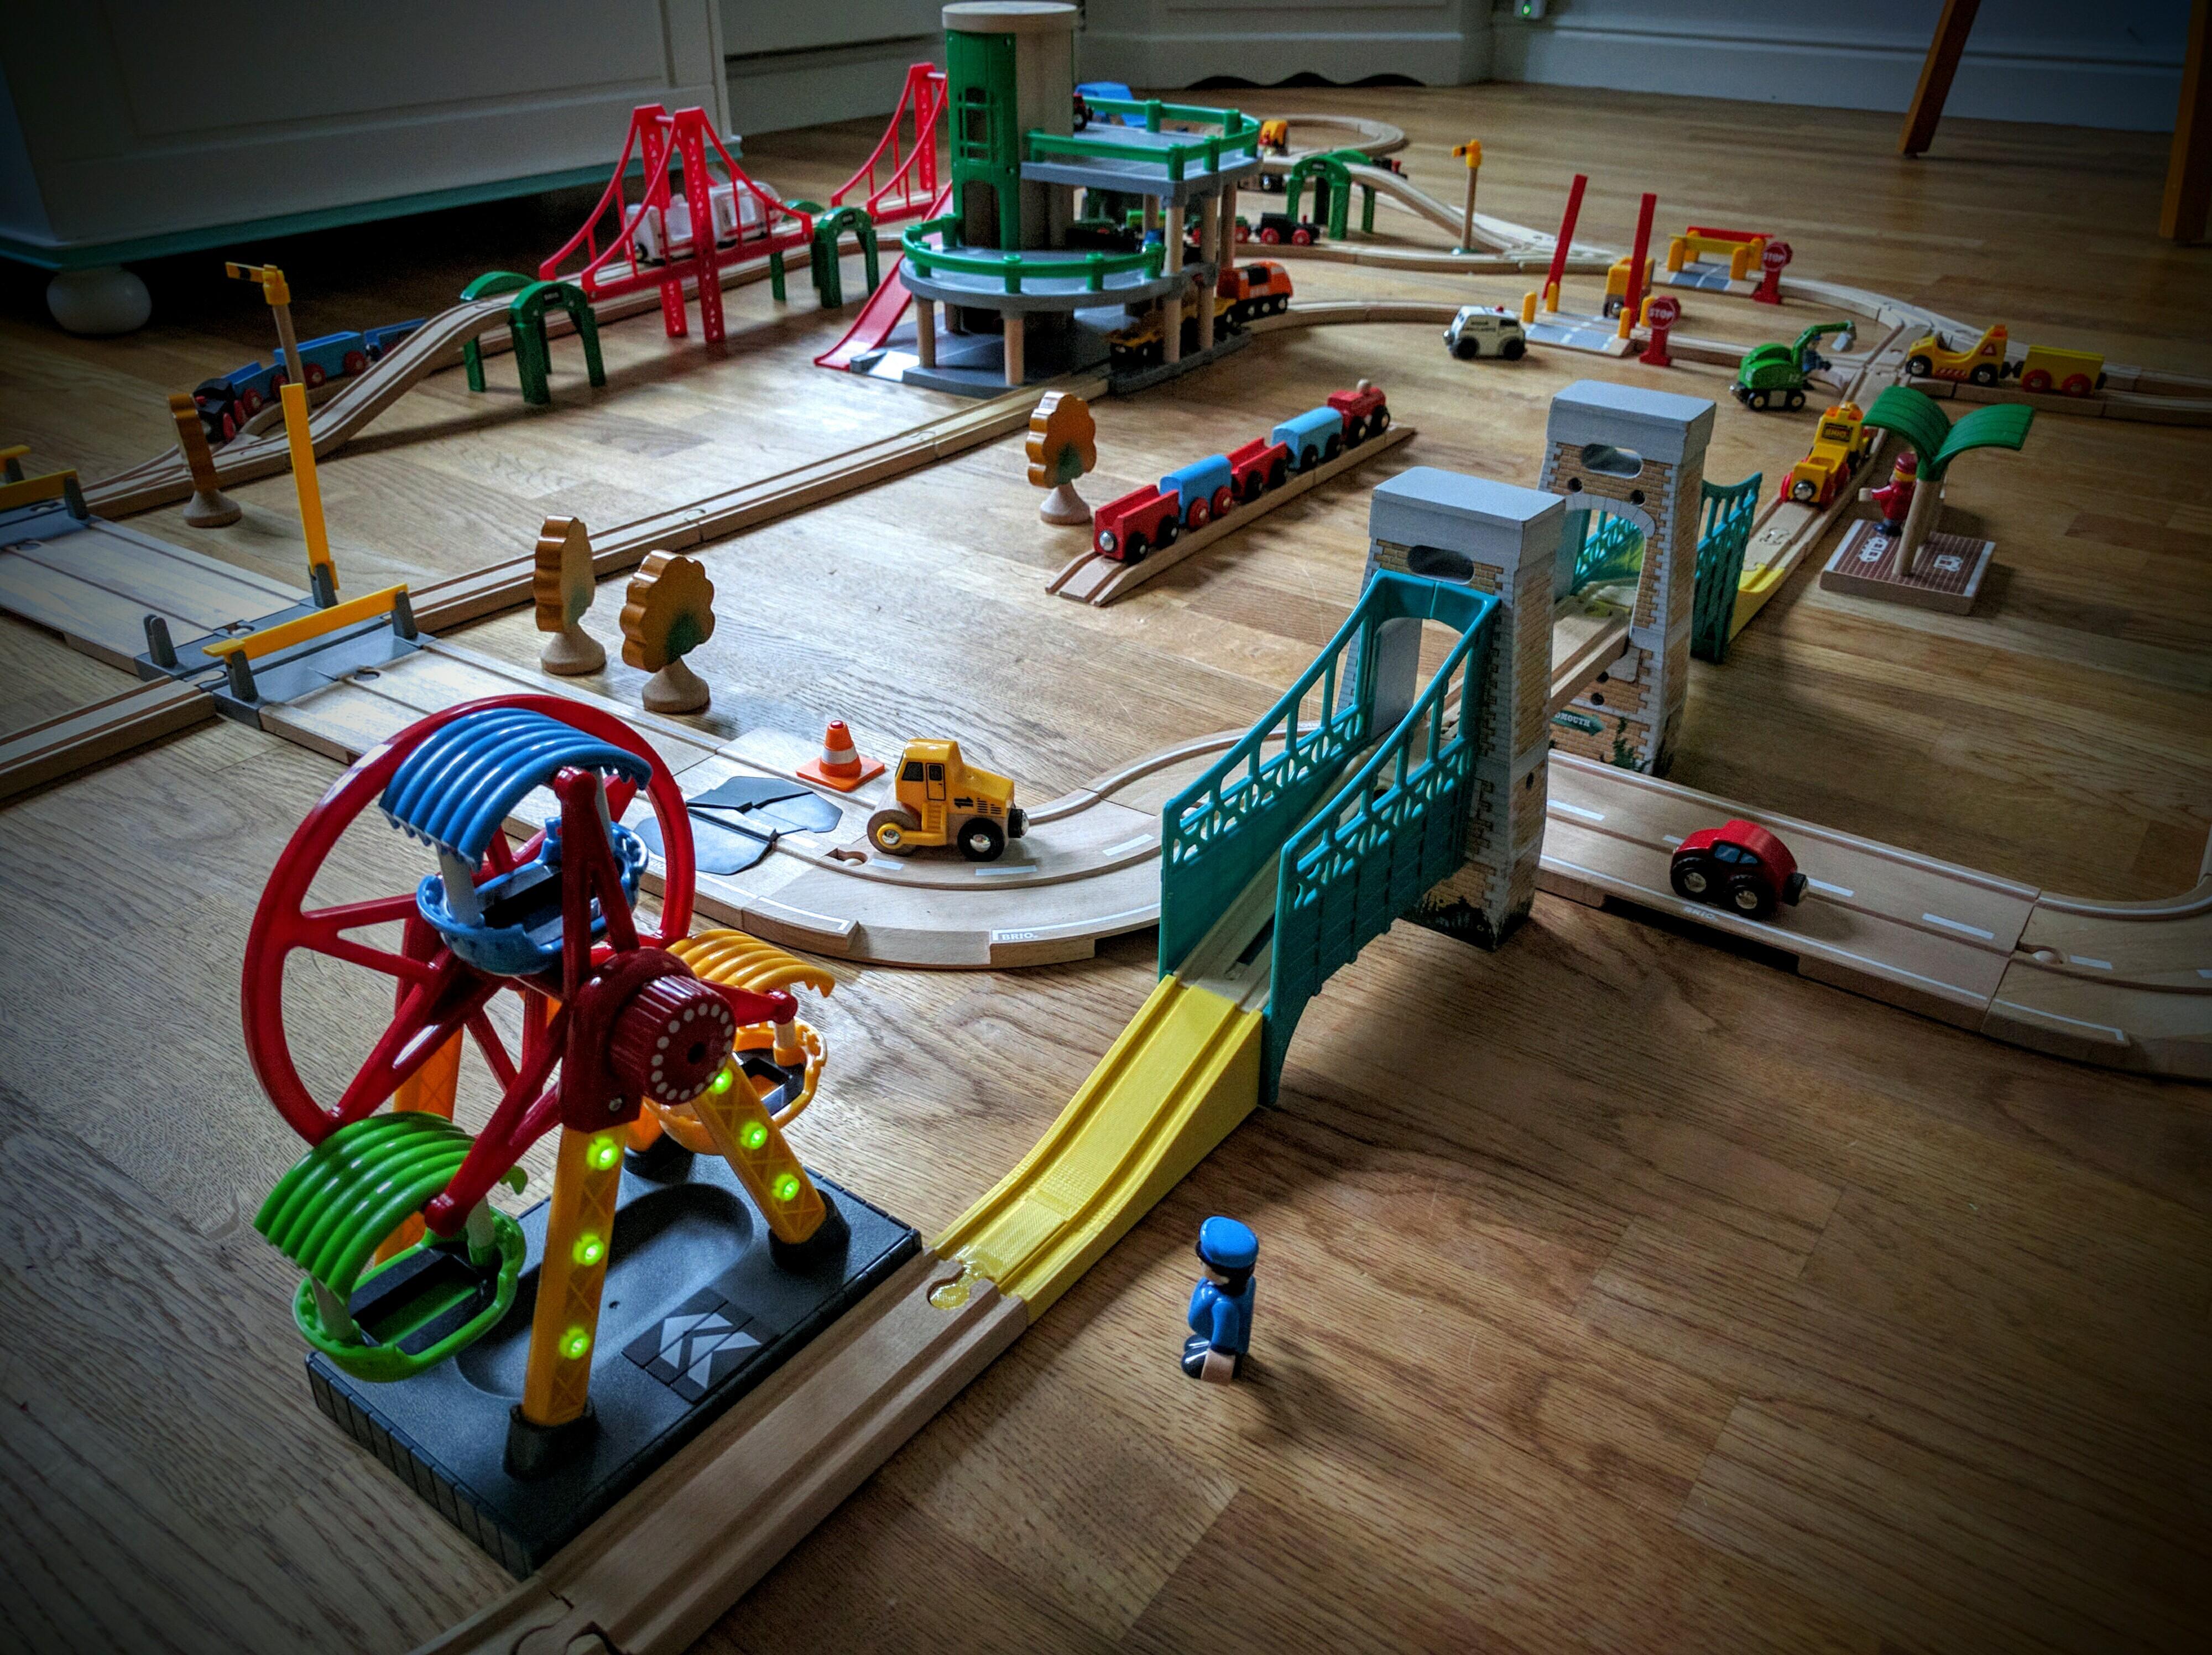 wooden train sets for kids test of time s. Black Bedroom Furniture Sets. Home Design Ideas